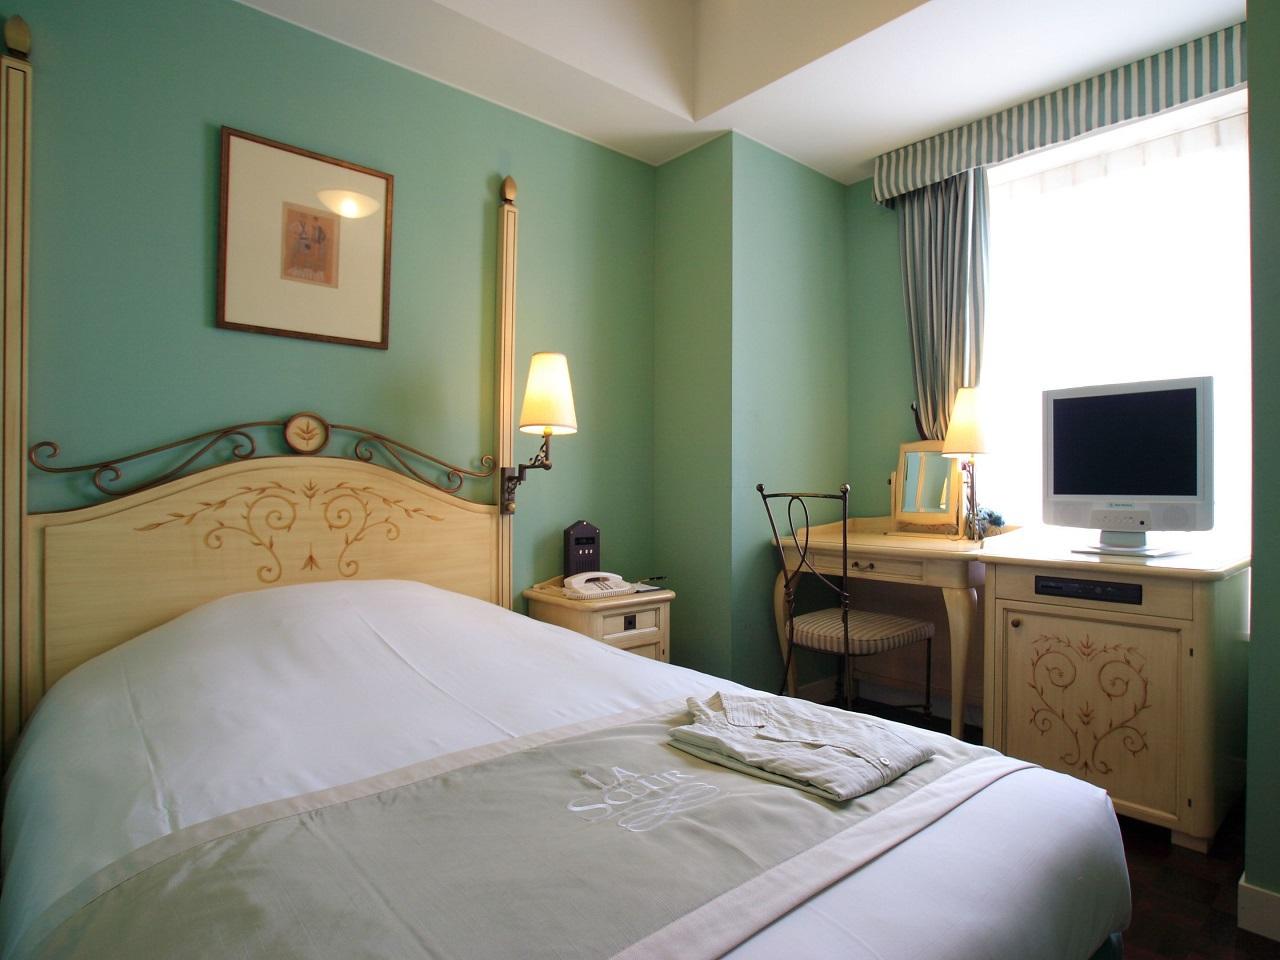 5.カップルにおすすめの有楽町のホテル